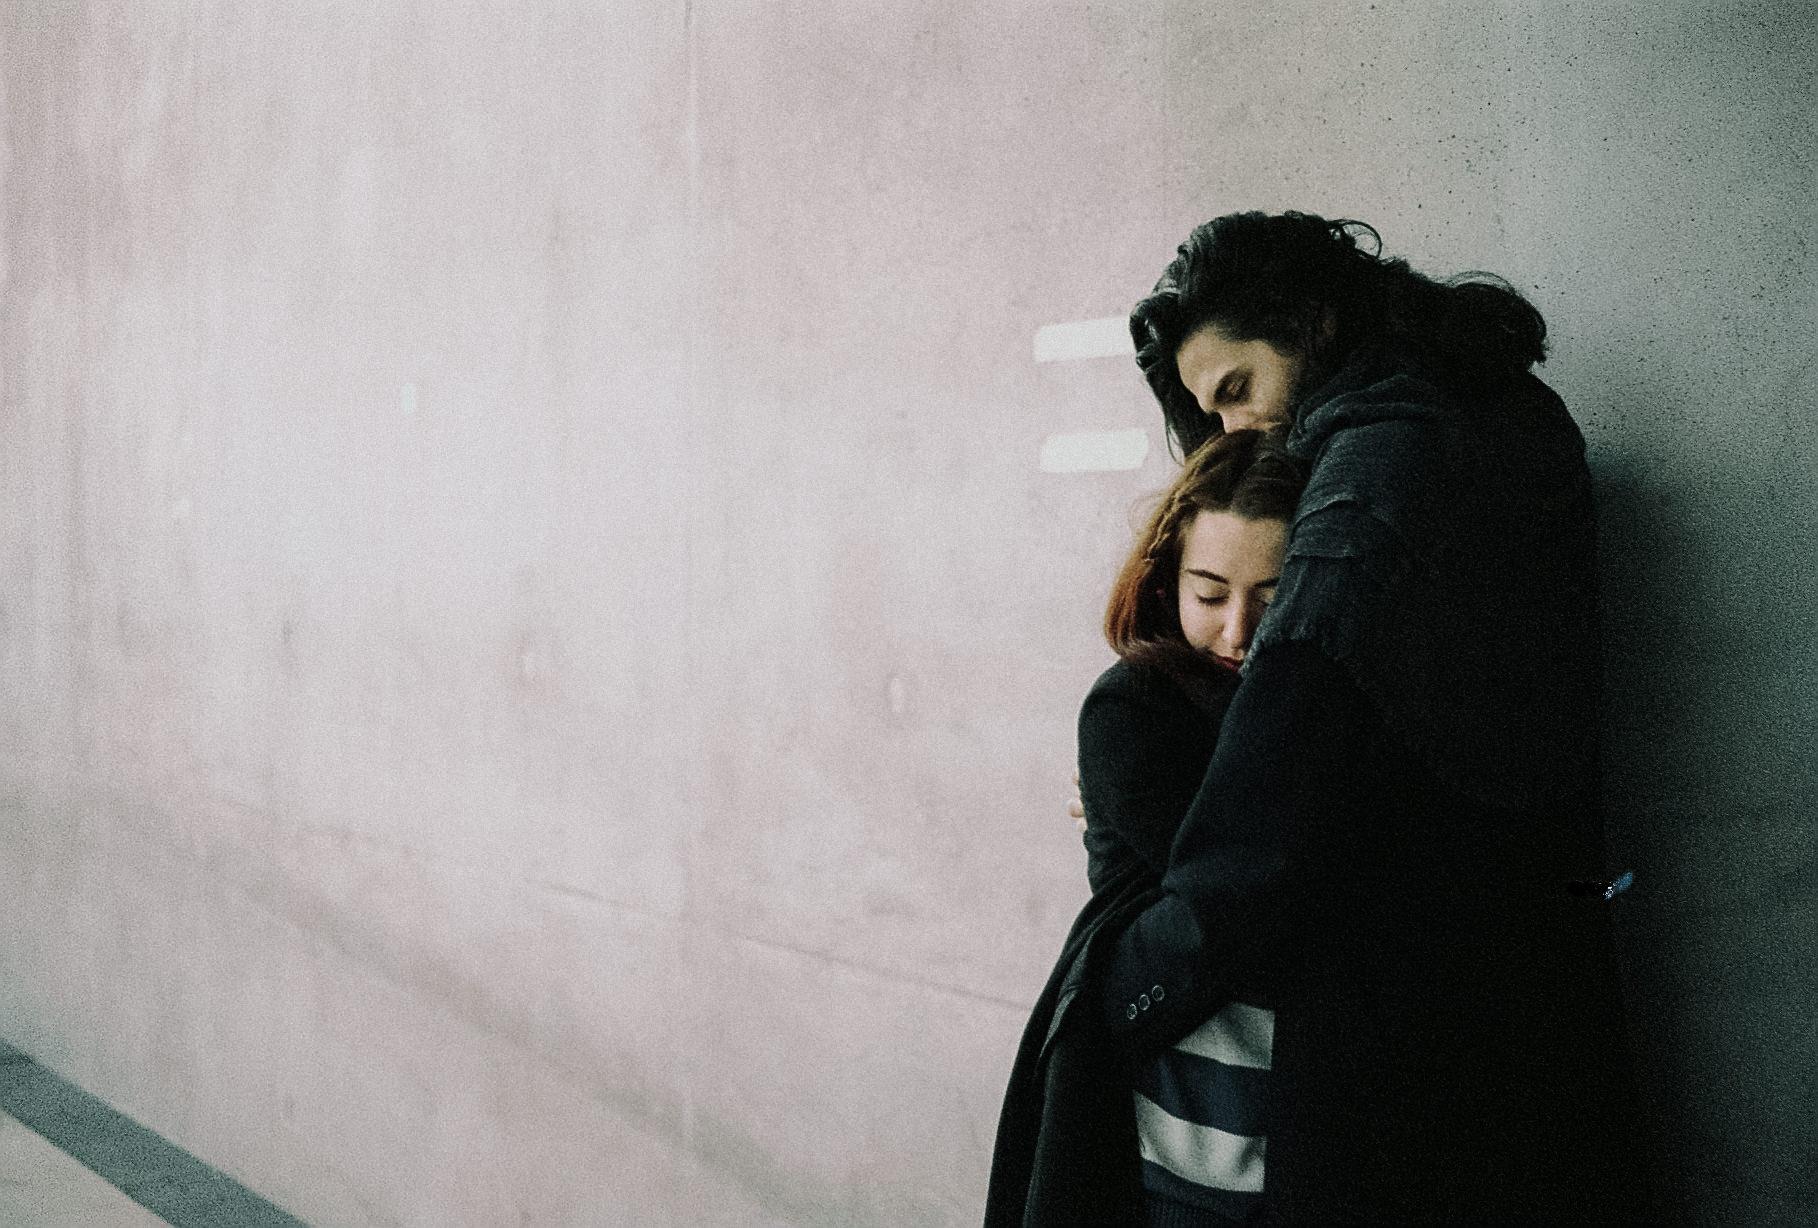 Léa-Fery-photographe-professionnel-lyon-rhone-alpes-portrait-creation-mariage-evenement-evenementiel-famille-000028.jpg